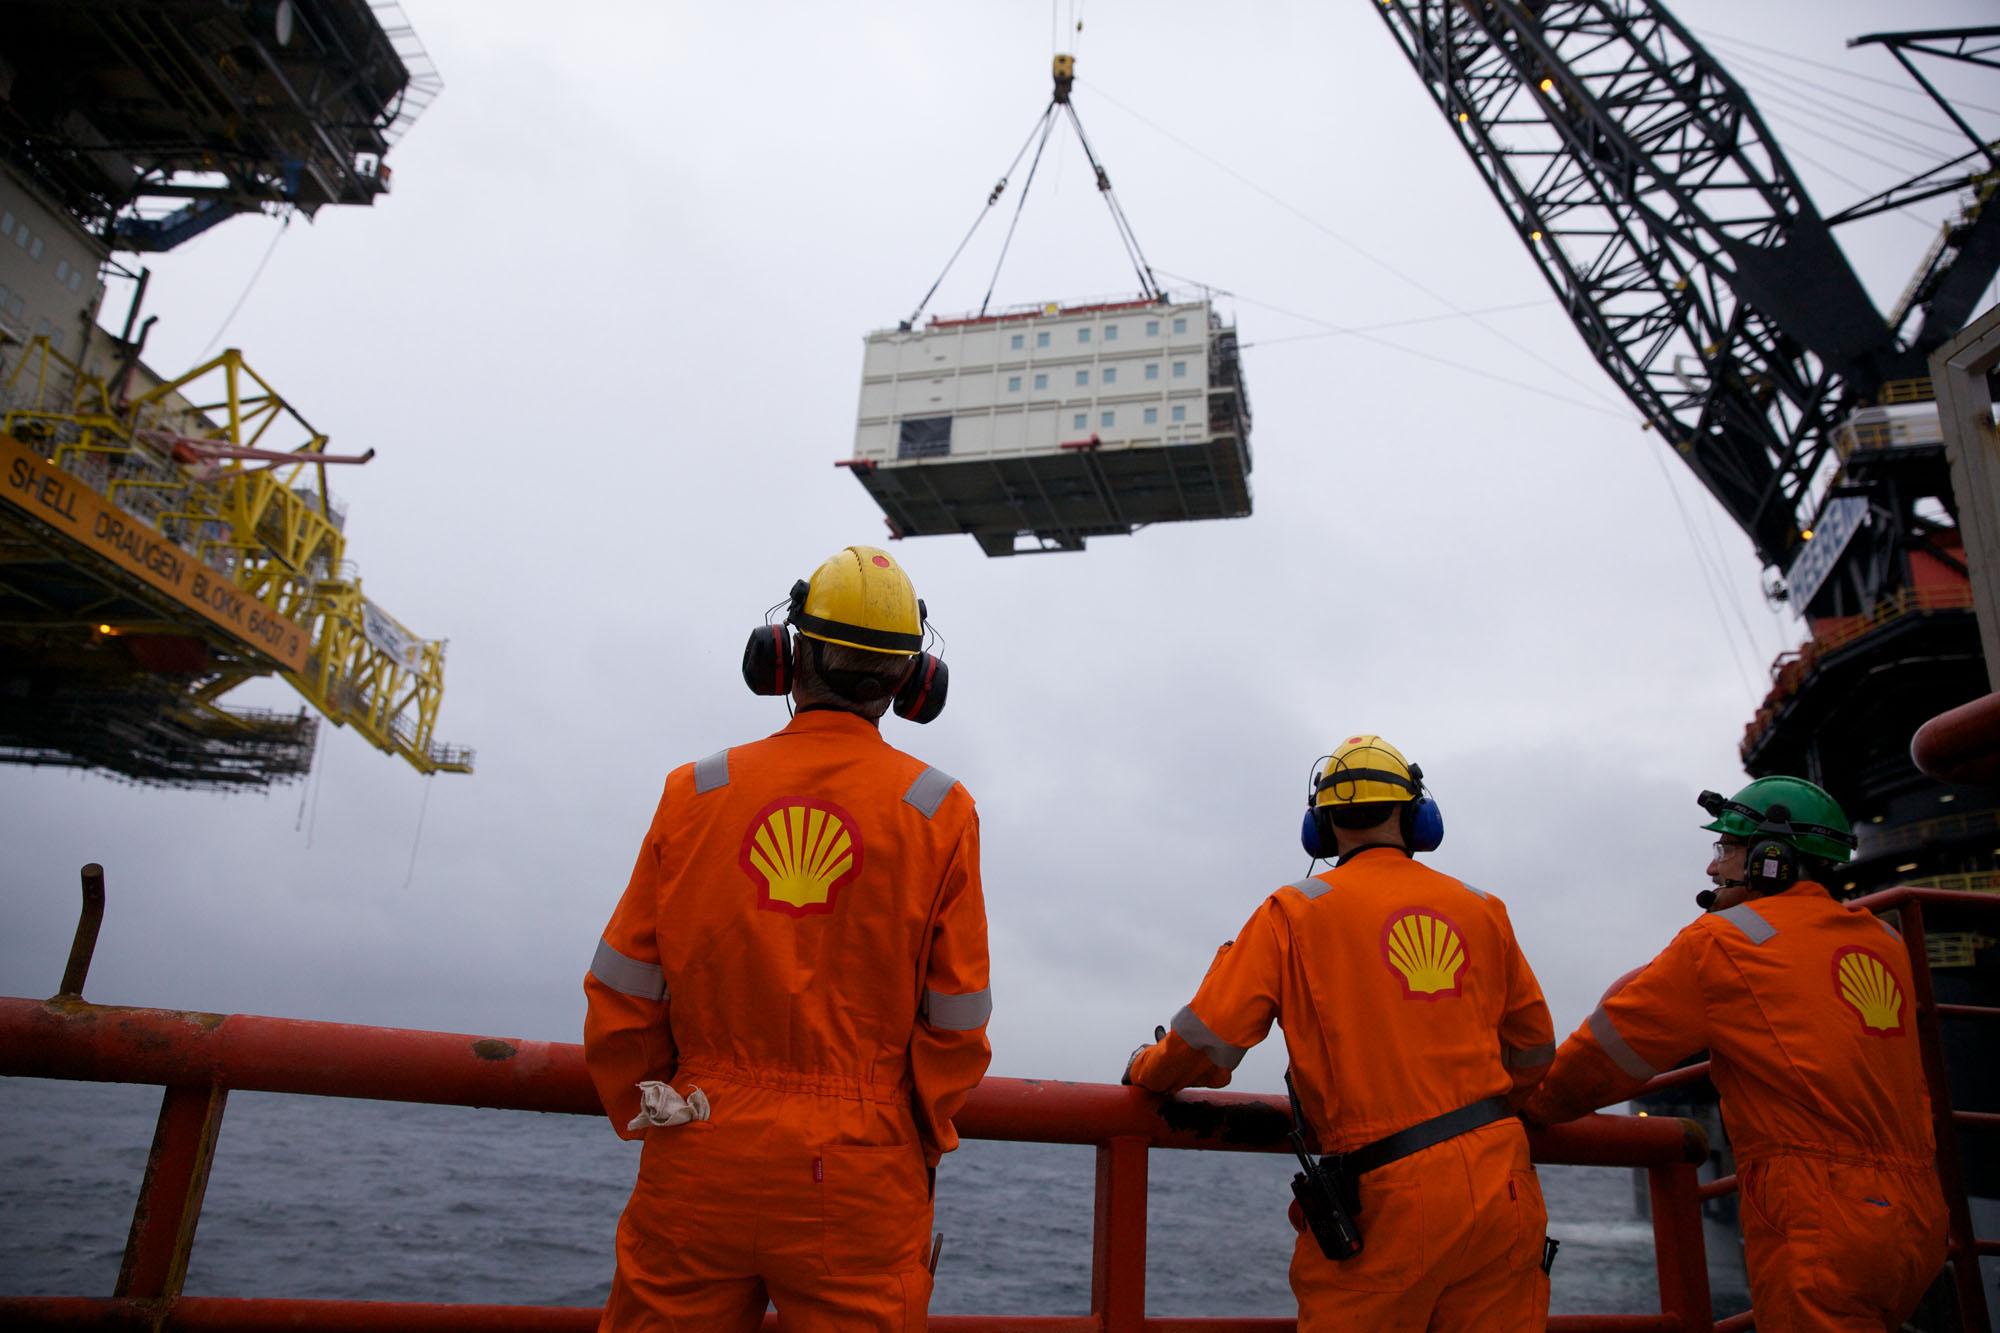 Shell-arbeidere står spent og overvåker det tunge løftet. Foto:Ukjent